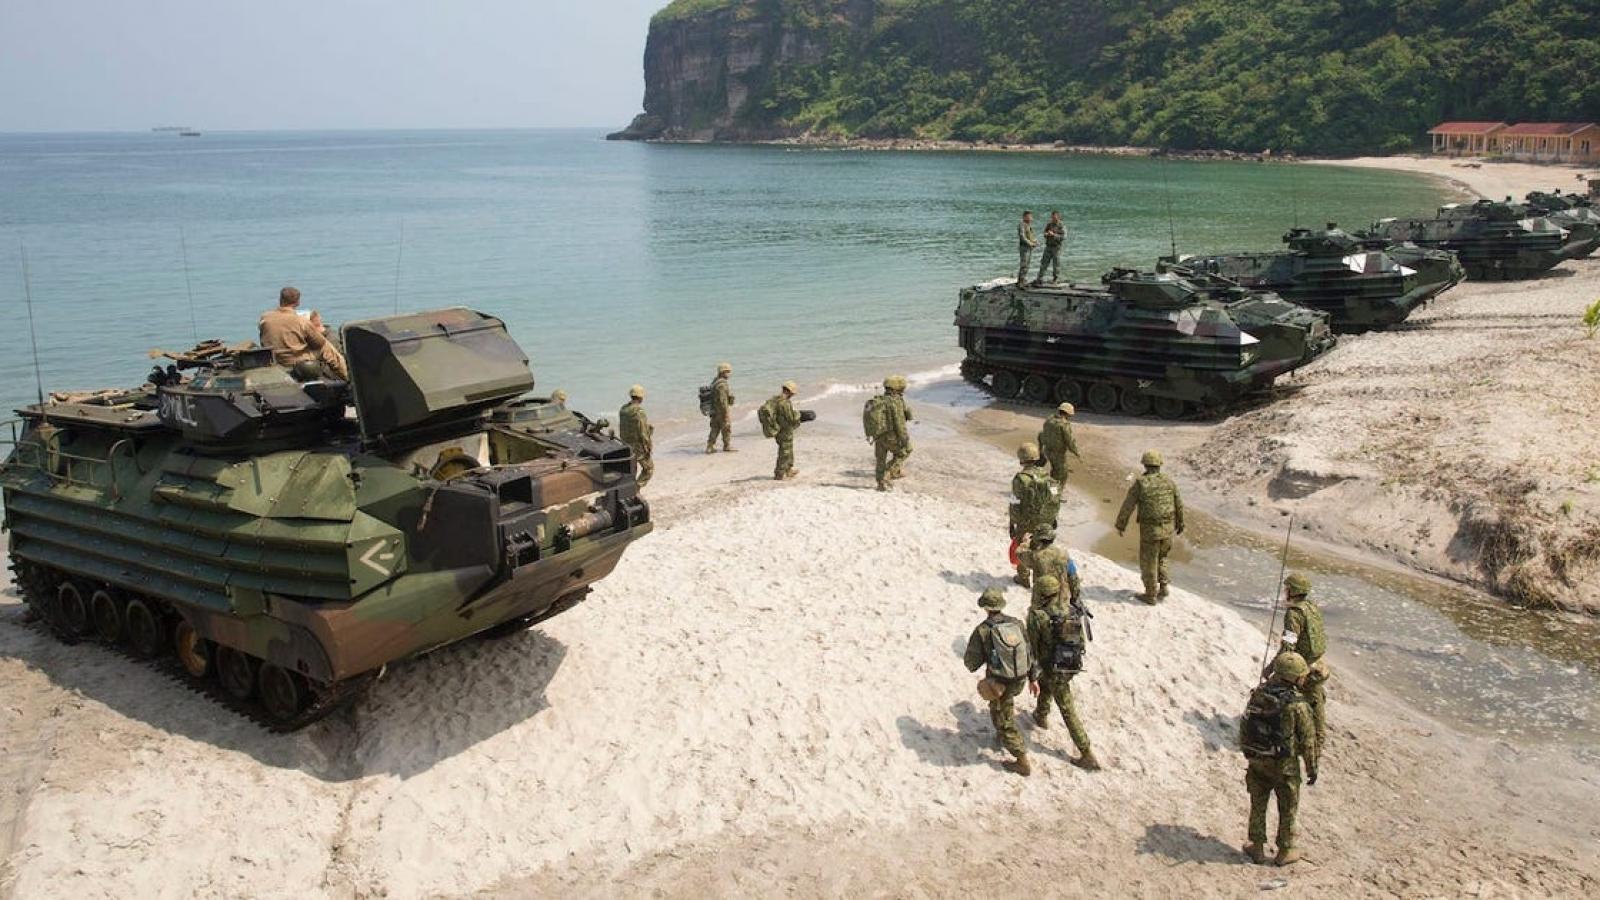 Vì sao Thủy quân lục chiến Mỹ nghĩ lại việc phân bố lực lượng ở châu Á?